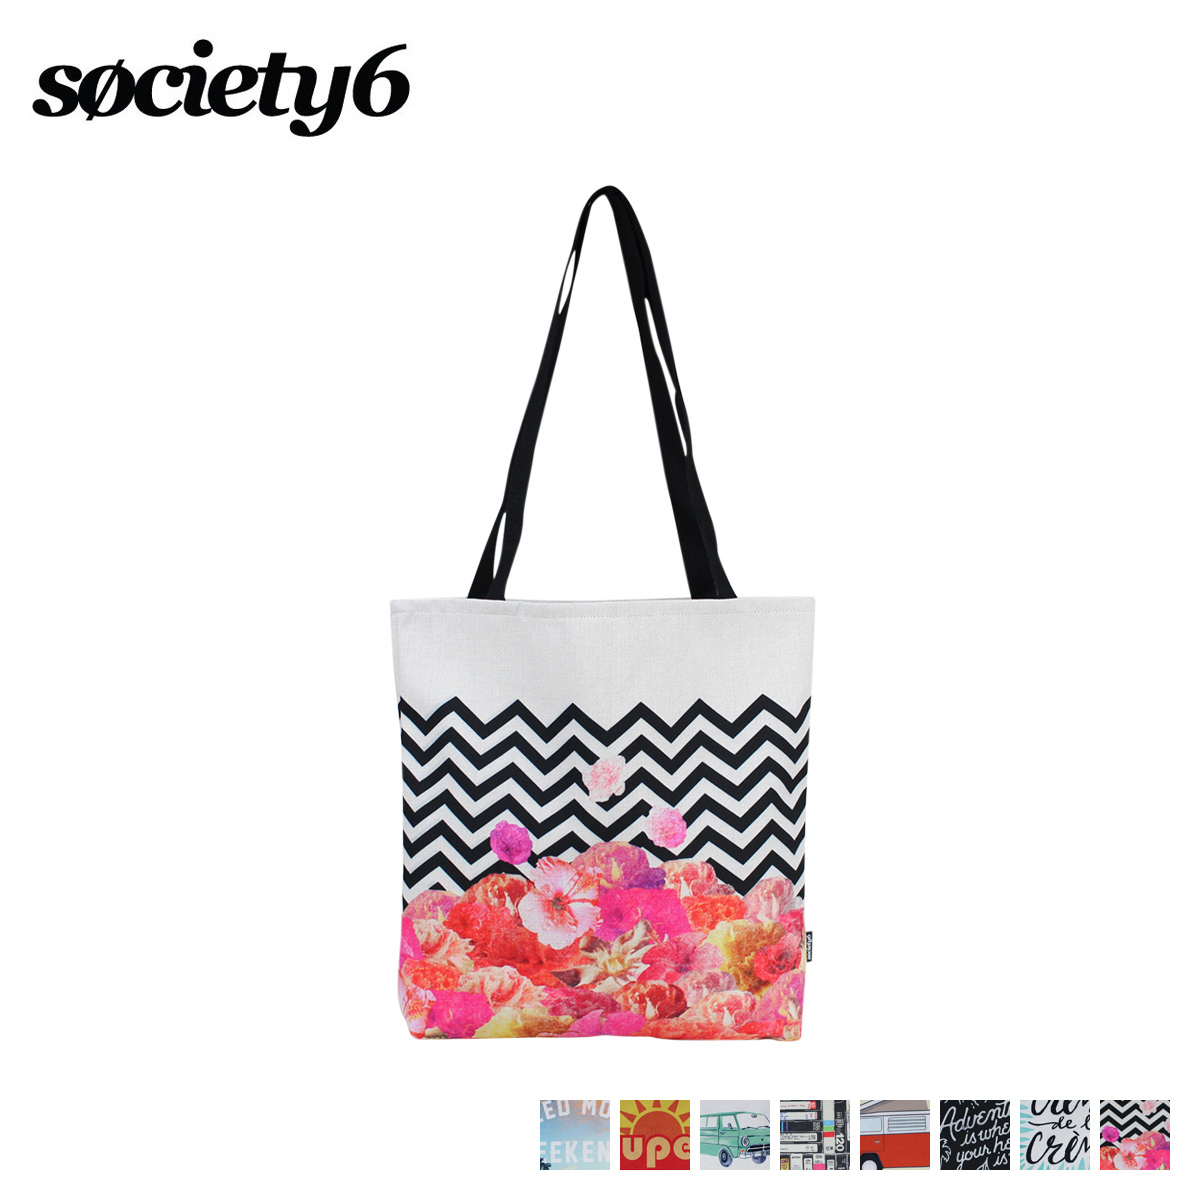 袋 Society6 sosaetysix 手提包女士 [8/23 新股票]